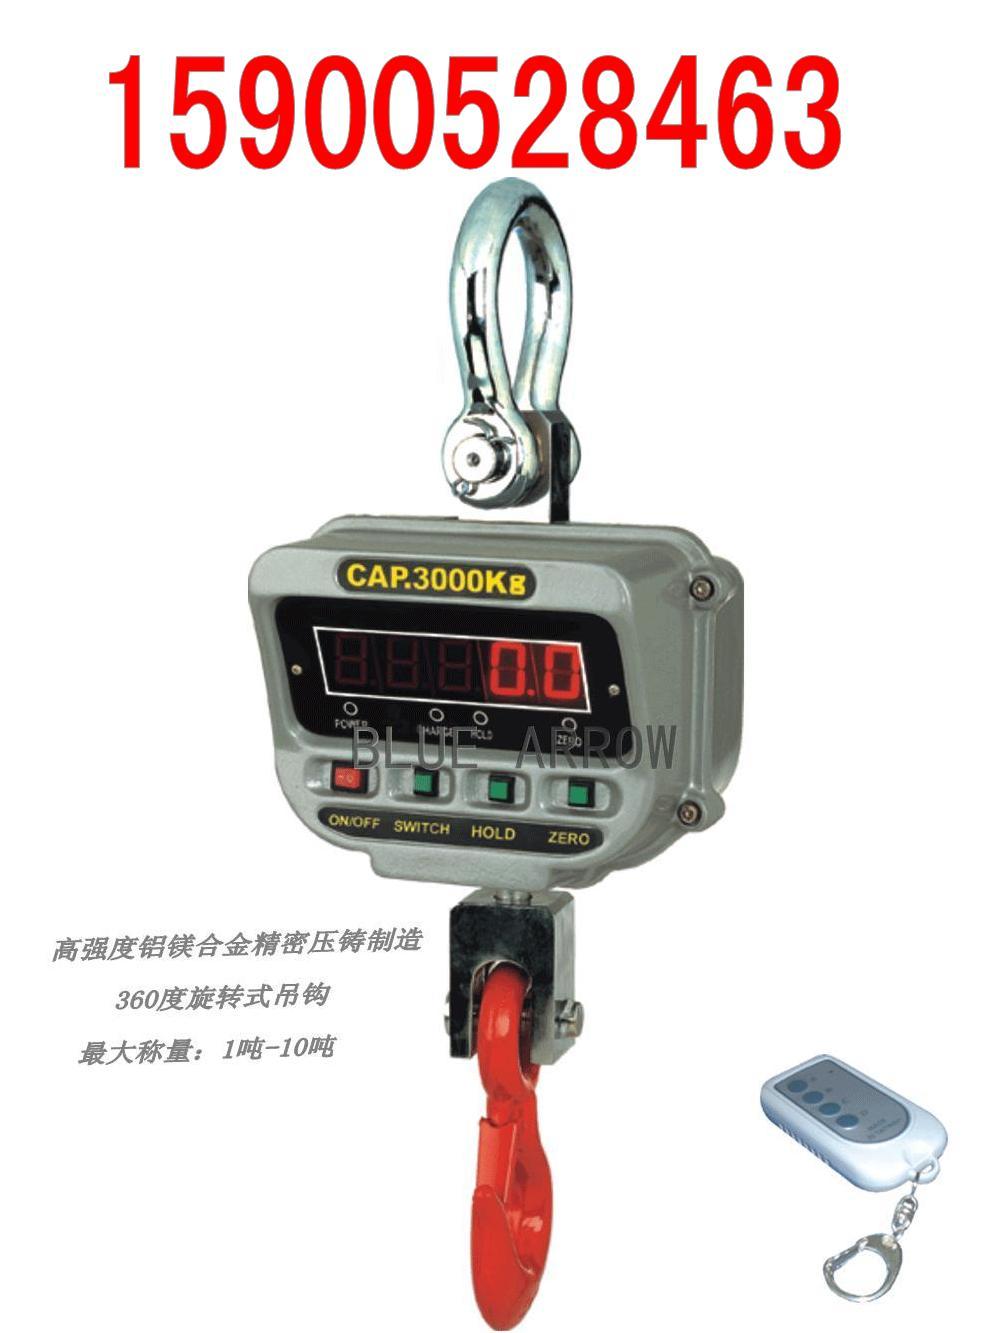 10T电子吊秤,10T吊称,10T电子吊称,10吨电子吊秤价格